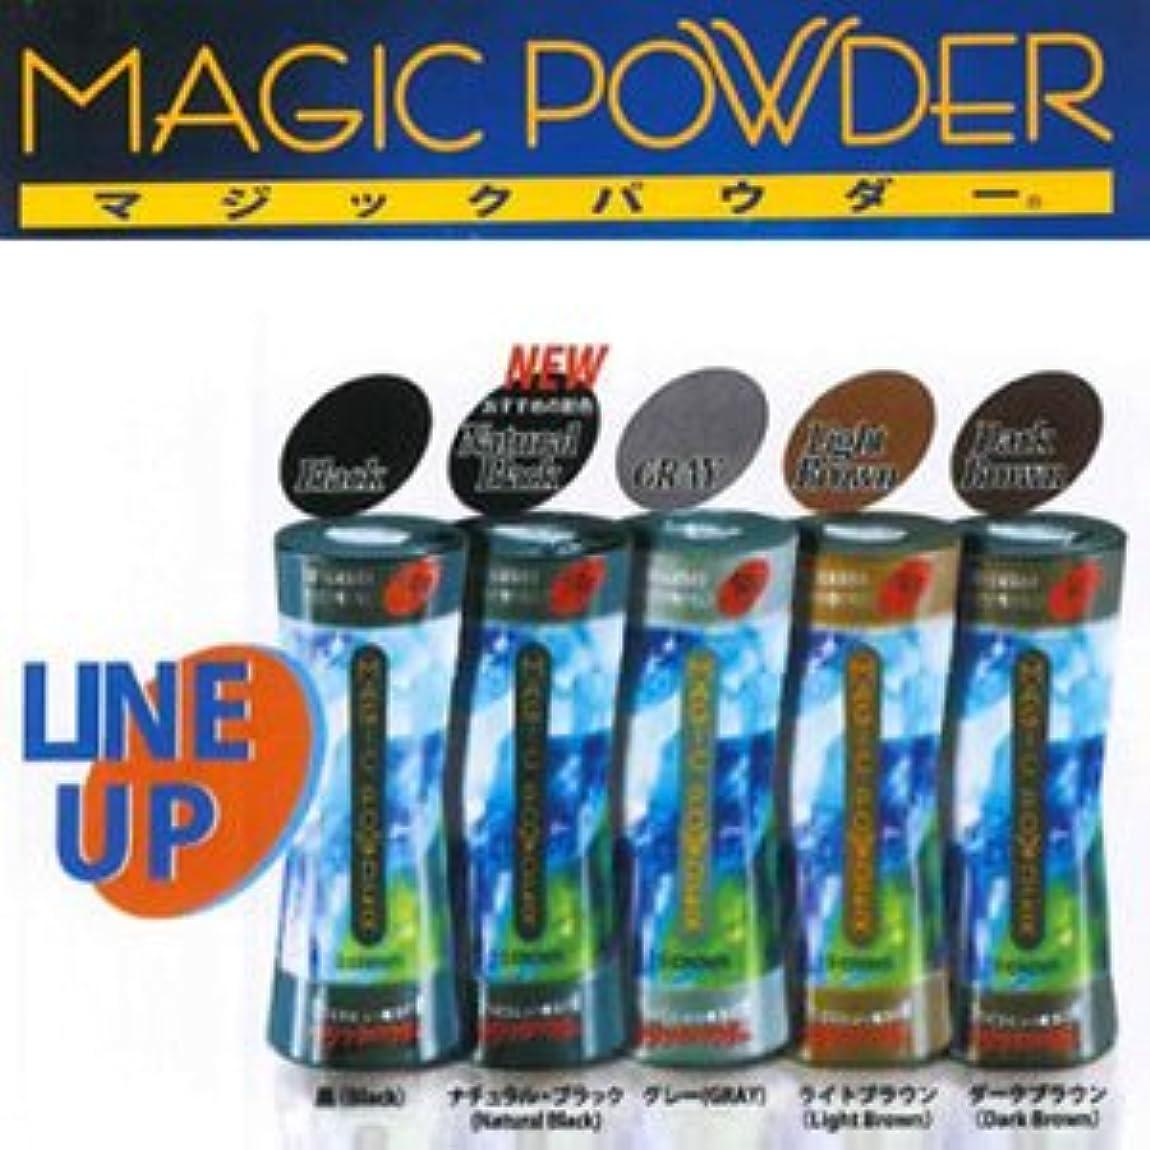 支援するロマンチック韻MAGIC POWDER マジックパウダー ブラック 50g  ※貴方の髪を簡単ボリュームアップ!